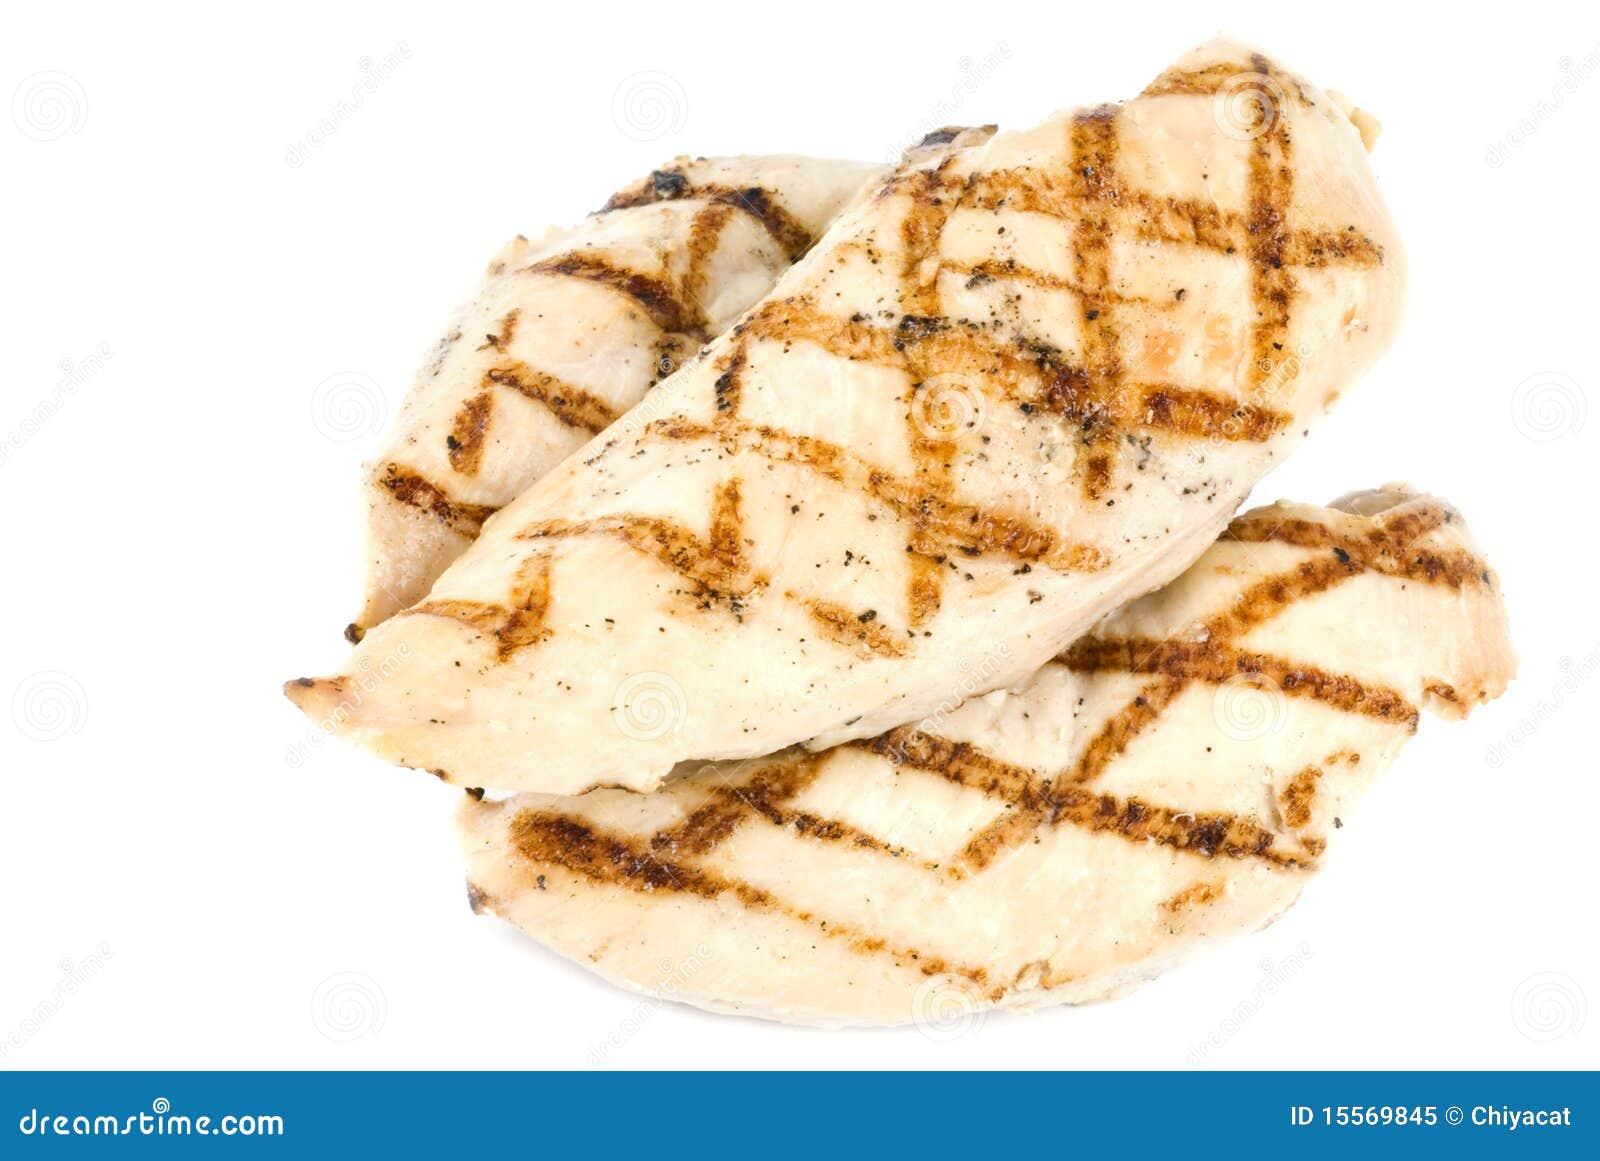 Grilled chicken clip art - photo#3